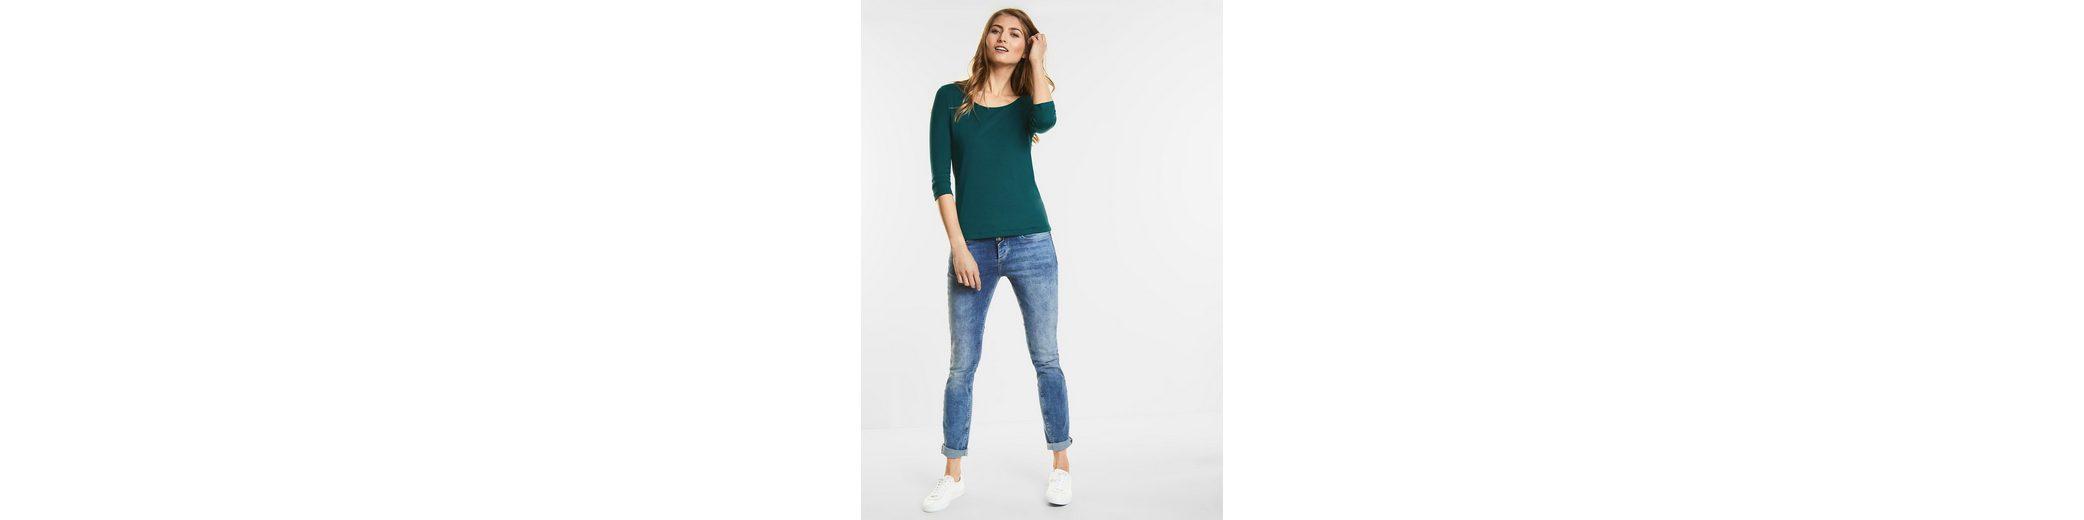 Street One Schmales Basic Shirt Pania 2018 Billig Verkaufen Günstig Kaufen Für Billig Unter Online-Verkauf Billig Verkauf Outlet-Store Sonnenschein ktZ48GSwBd